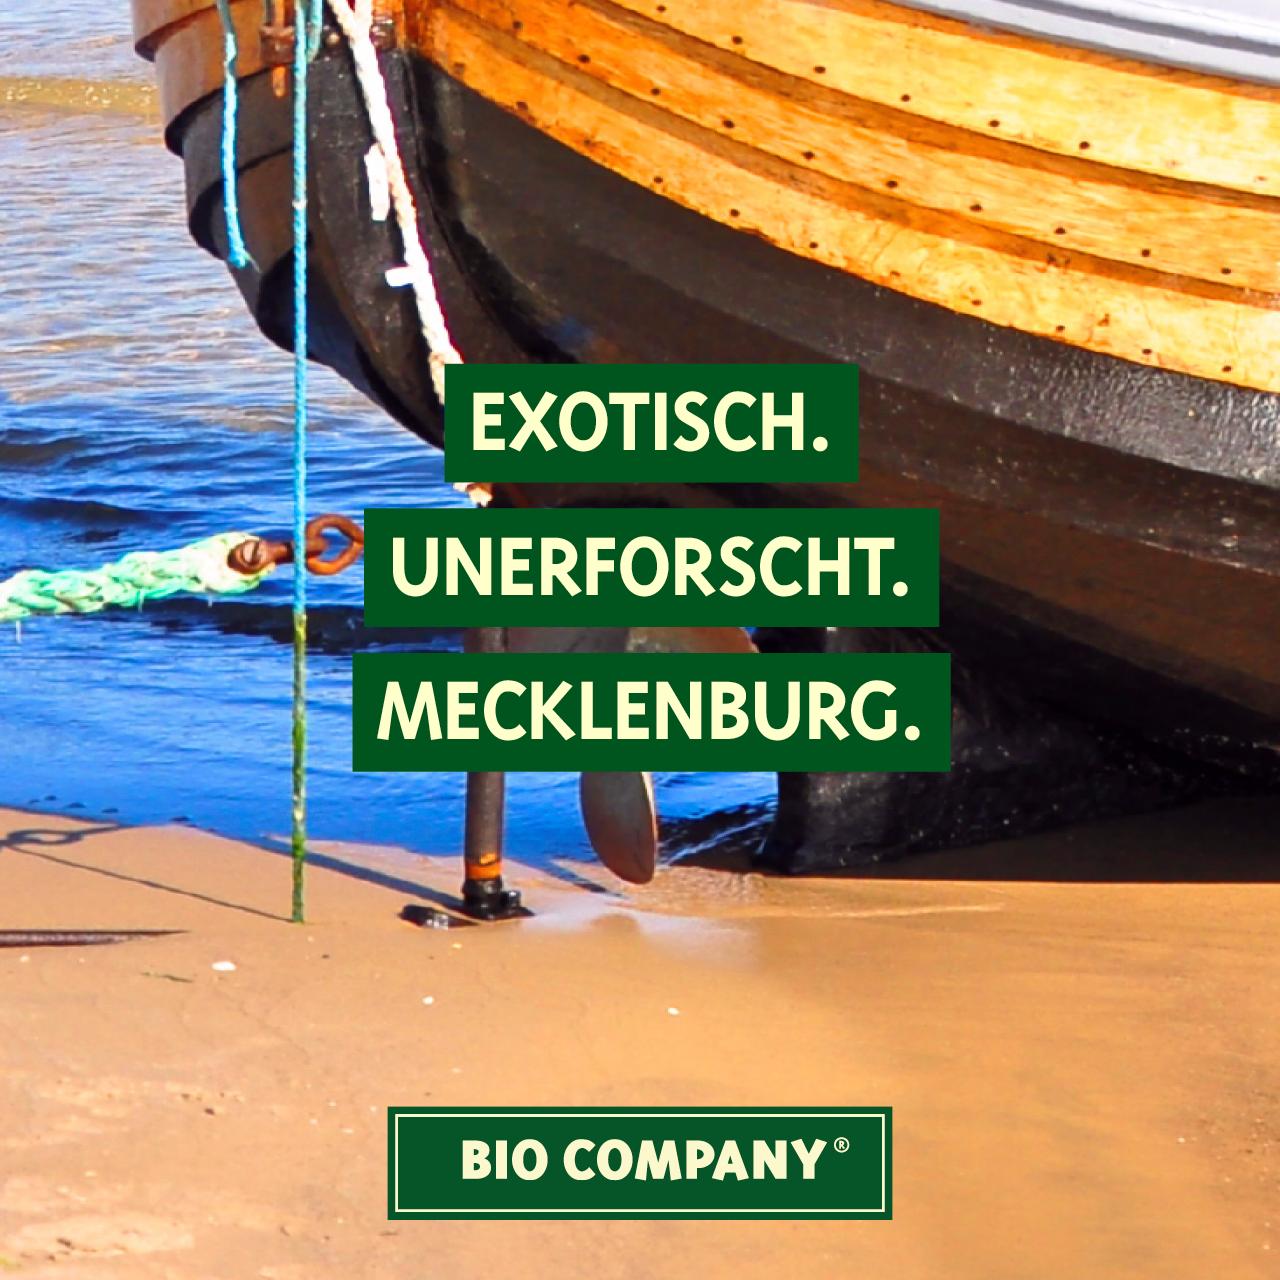 KW21_190508_Sommerurlaub_CO2_Mecklenburg